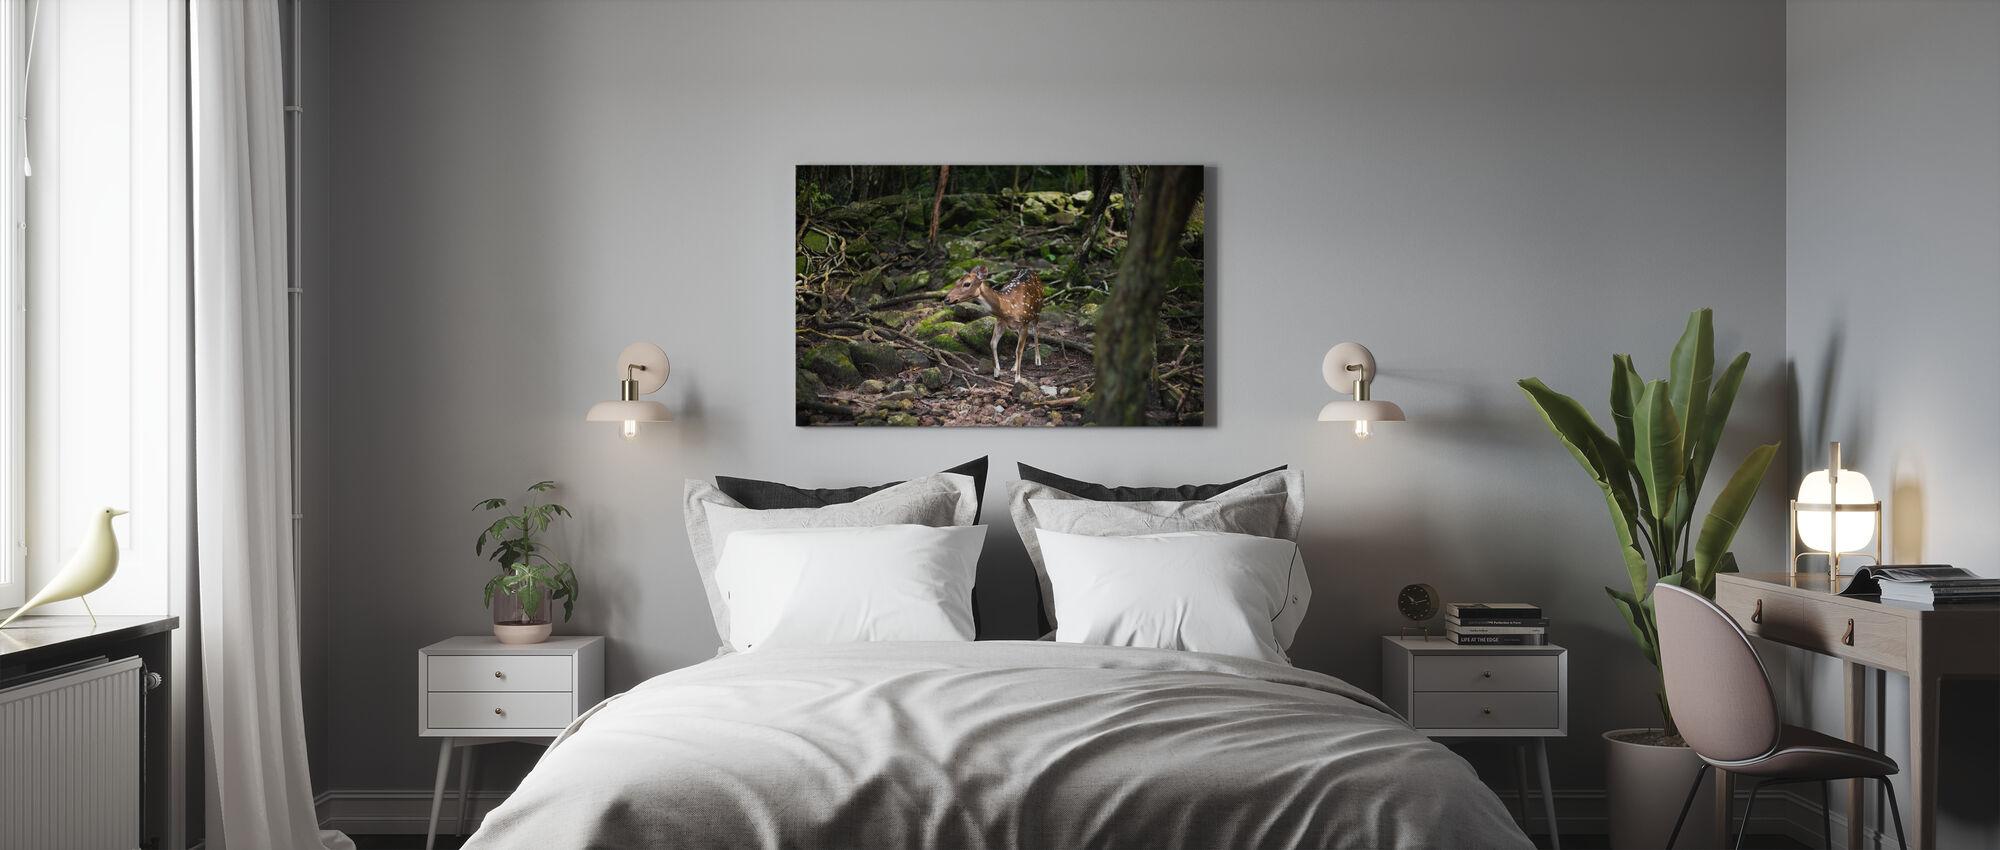 Fawn Roe Deer - Canvas print - Bedroom